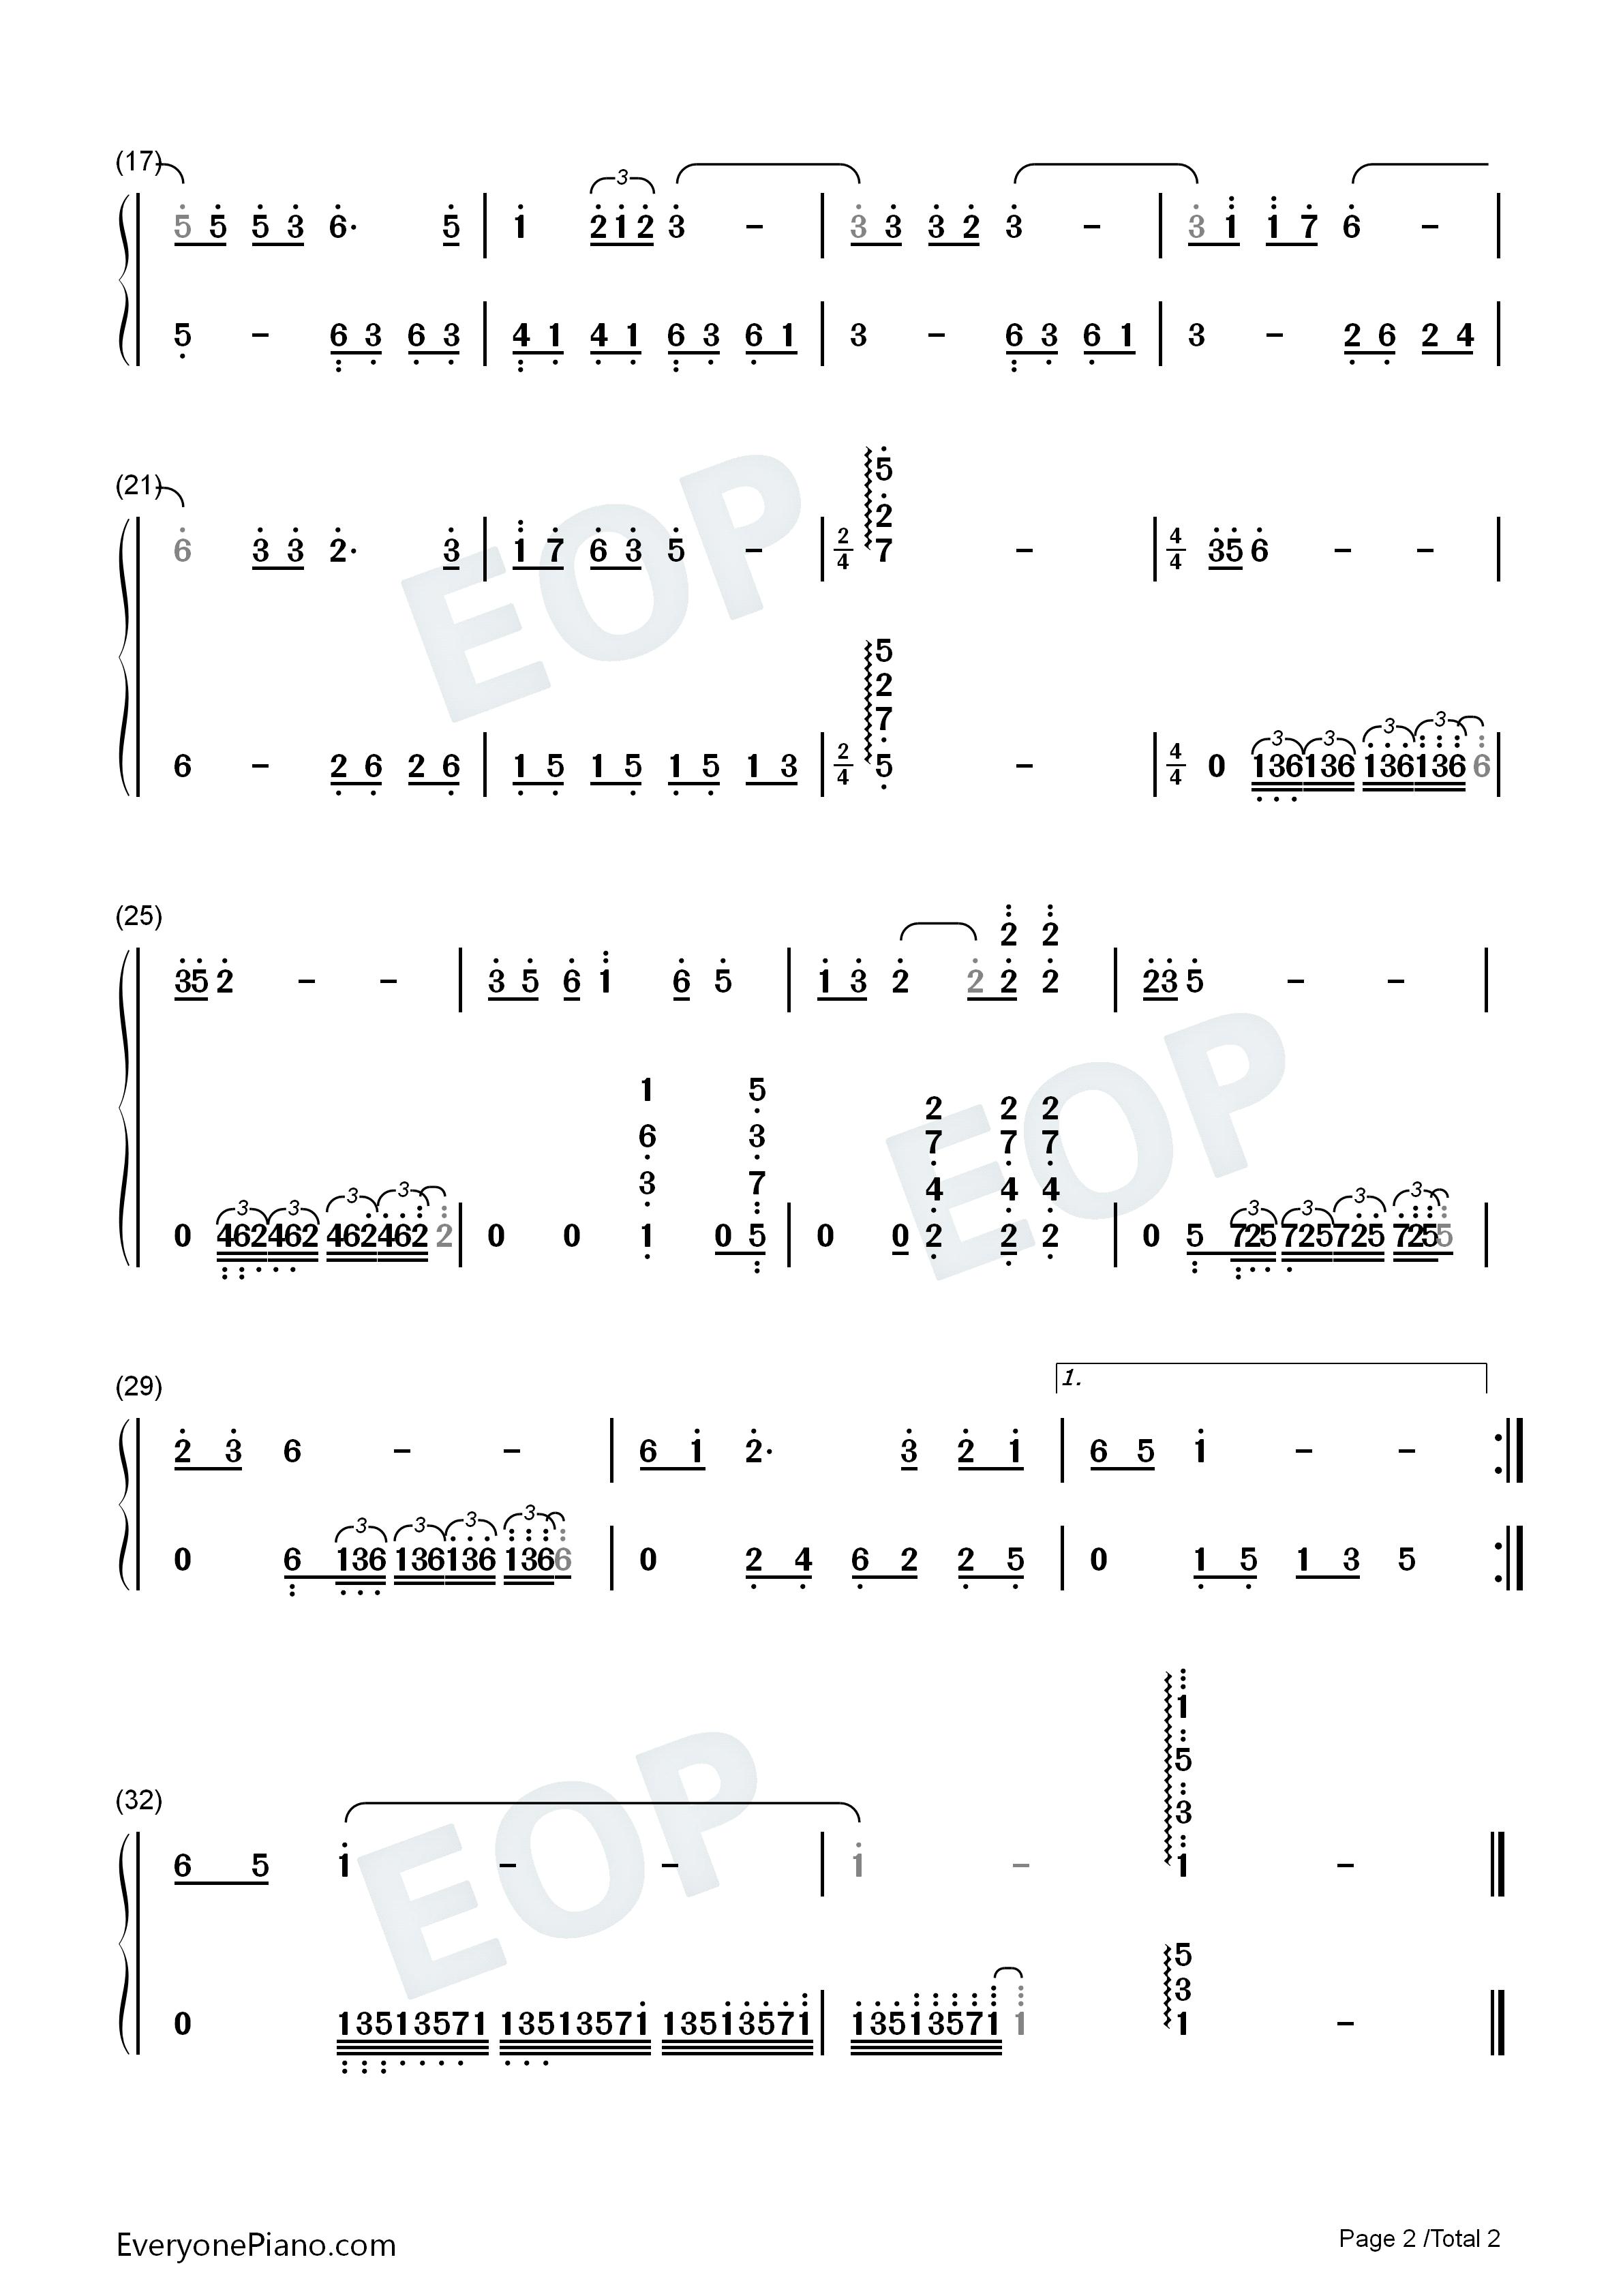 钢琴曲谱 流行 上海滩 上海滩双手简谱预览2  }  仅供学习交流使用!